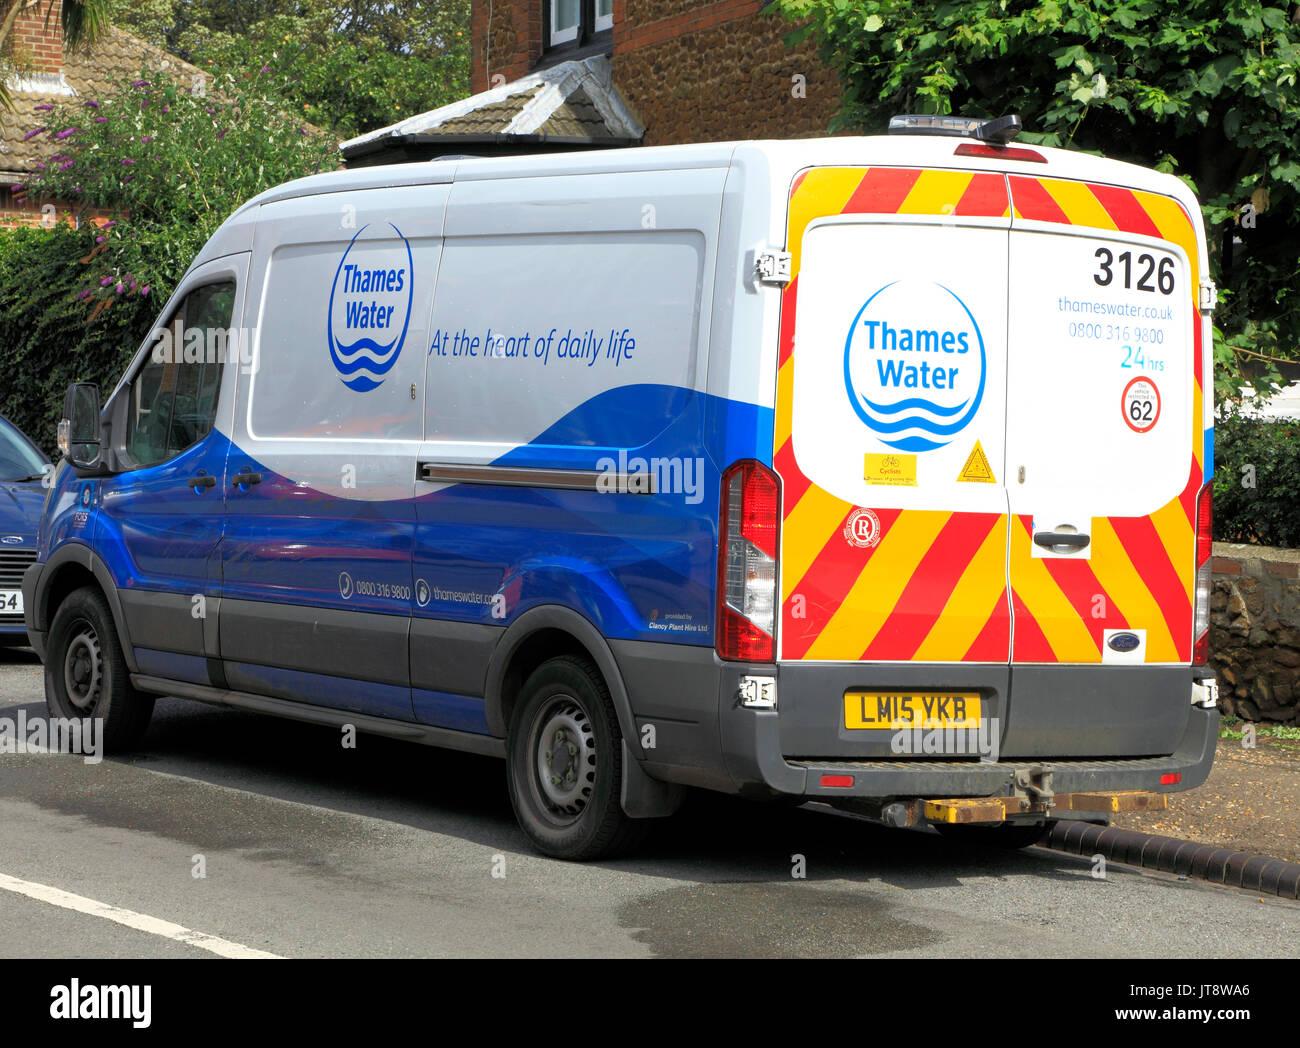 Thames Water, società, imprese, veicolo di servizio, van, furgoni, veicoli, England, Regno Unito Immagini Stock